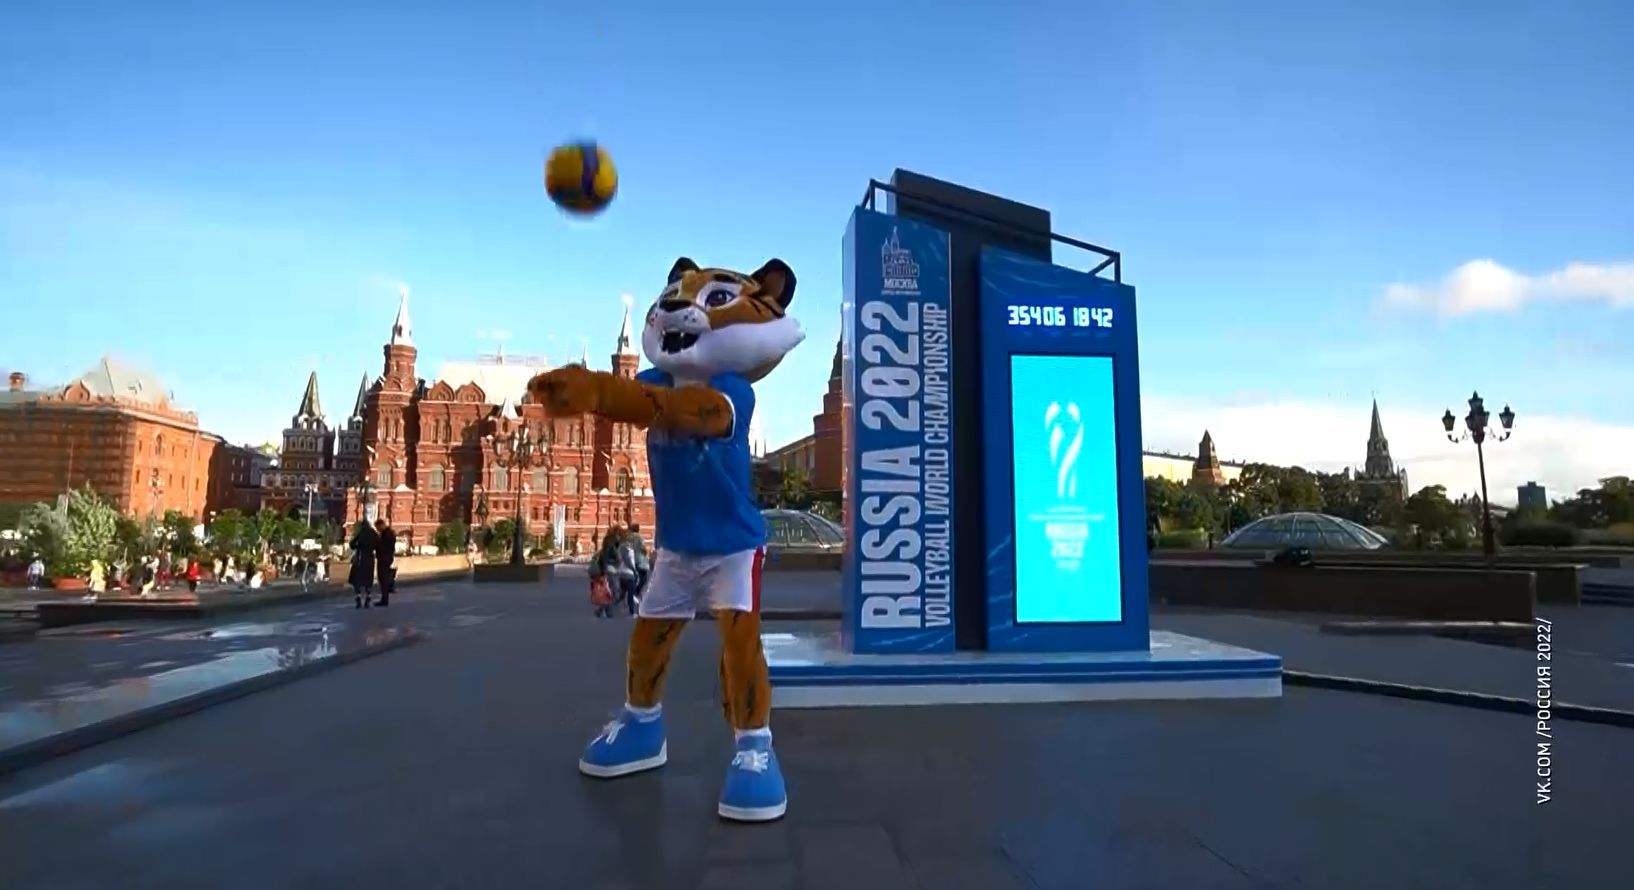 Тигр опередил медведя и робота в голосовании за выбор талисмана волейбольного чемпионата мира, который состоится в 2022 году в том числе и в Ярославле